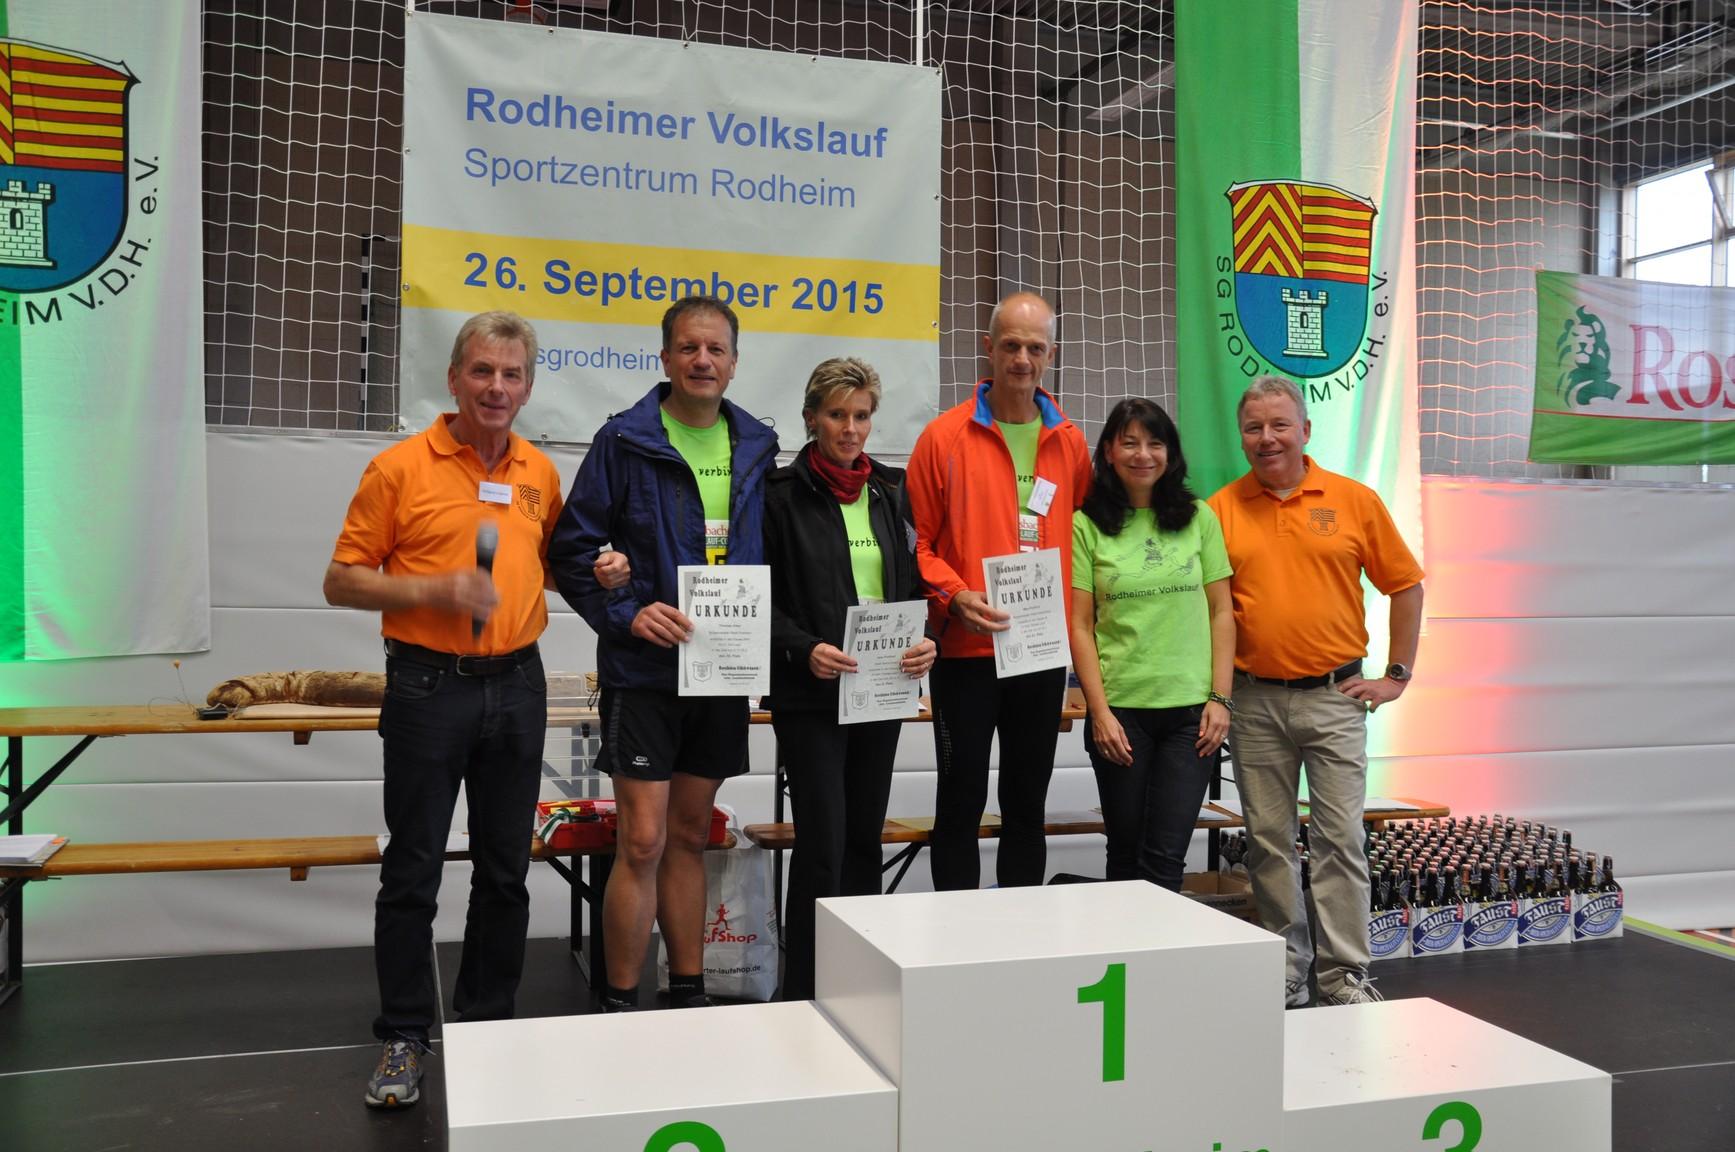 Bürgermeister Mike Purfürst und seine Ehefrau Jana (Bildmitte) mit Bürgermeister Thomas Alber nach der Teilnahme am Rodheimer Volkslauf